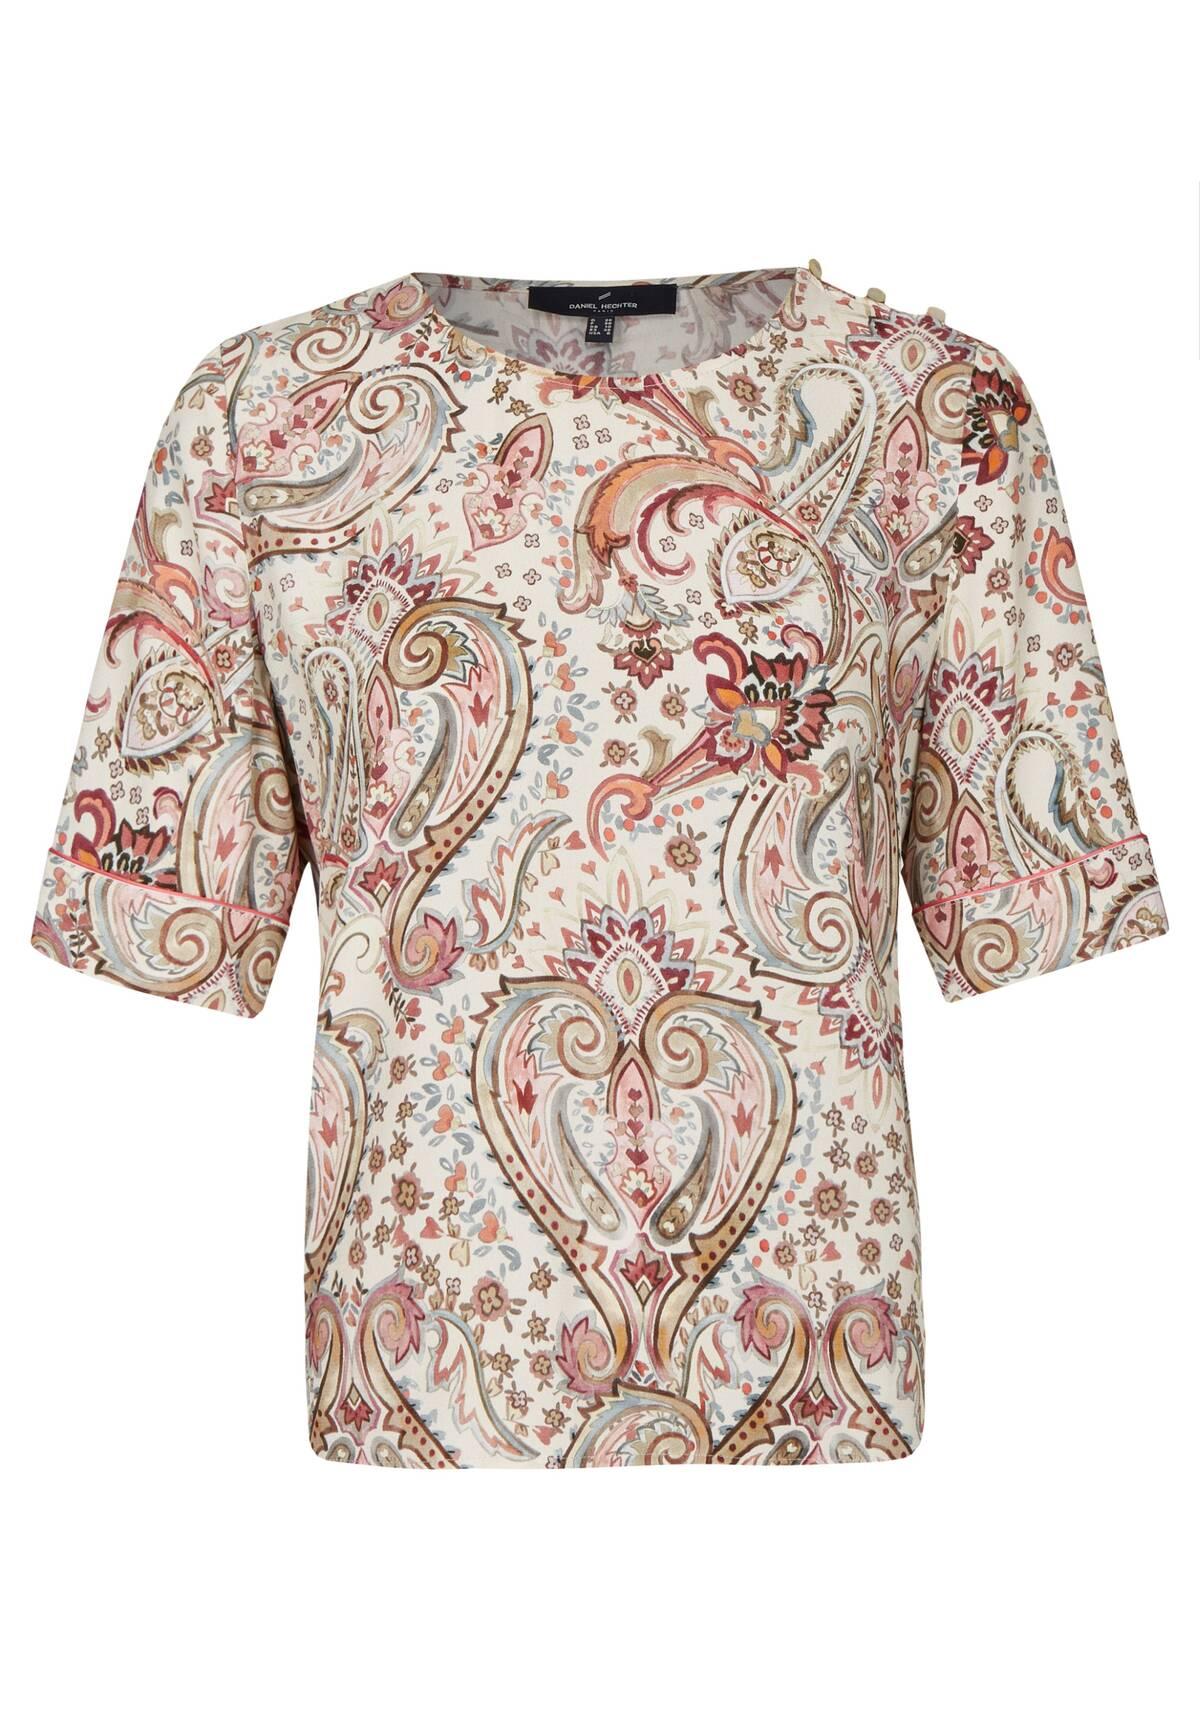 Modische Bluse im Paisley-Design / Shirt Blouse